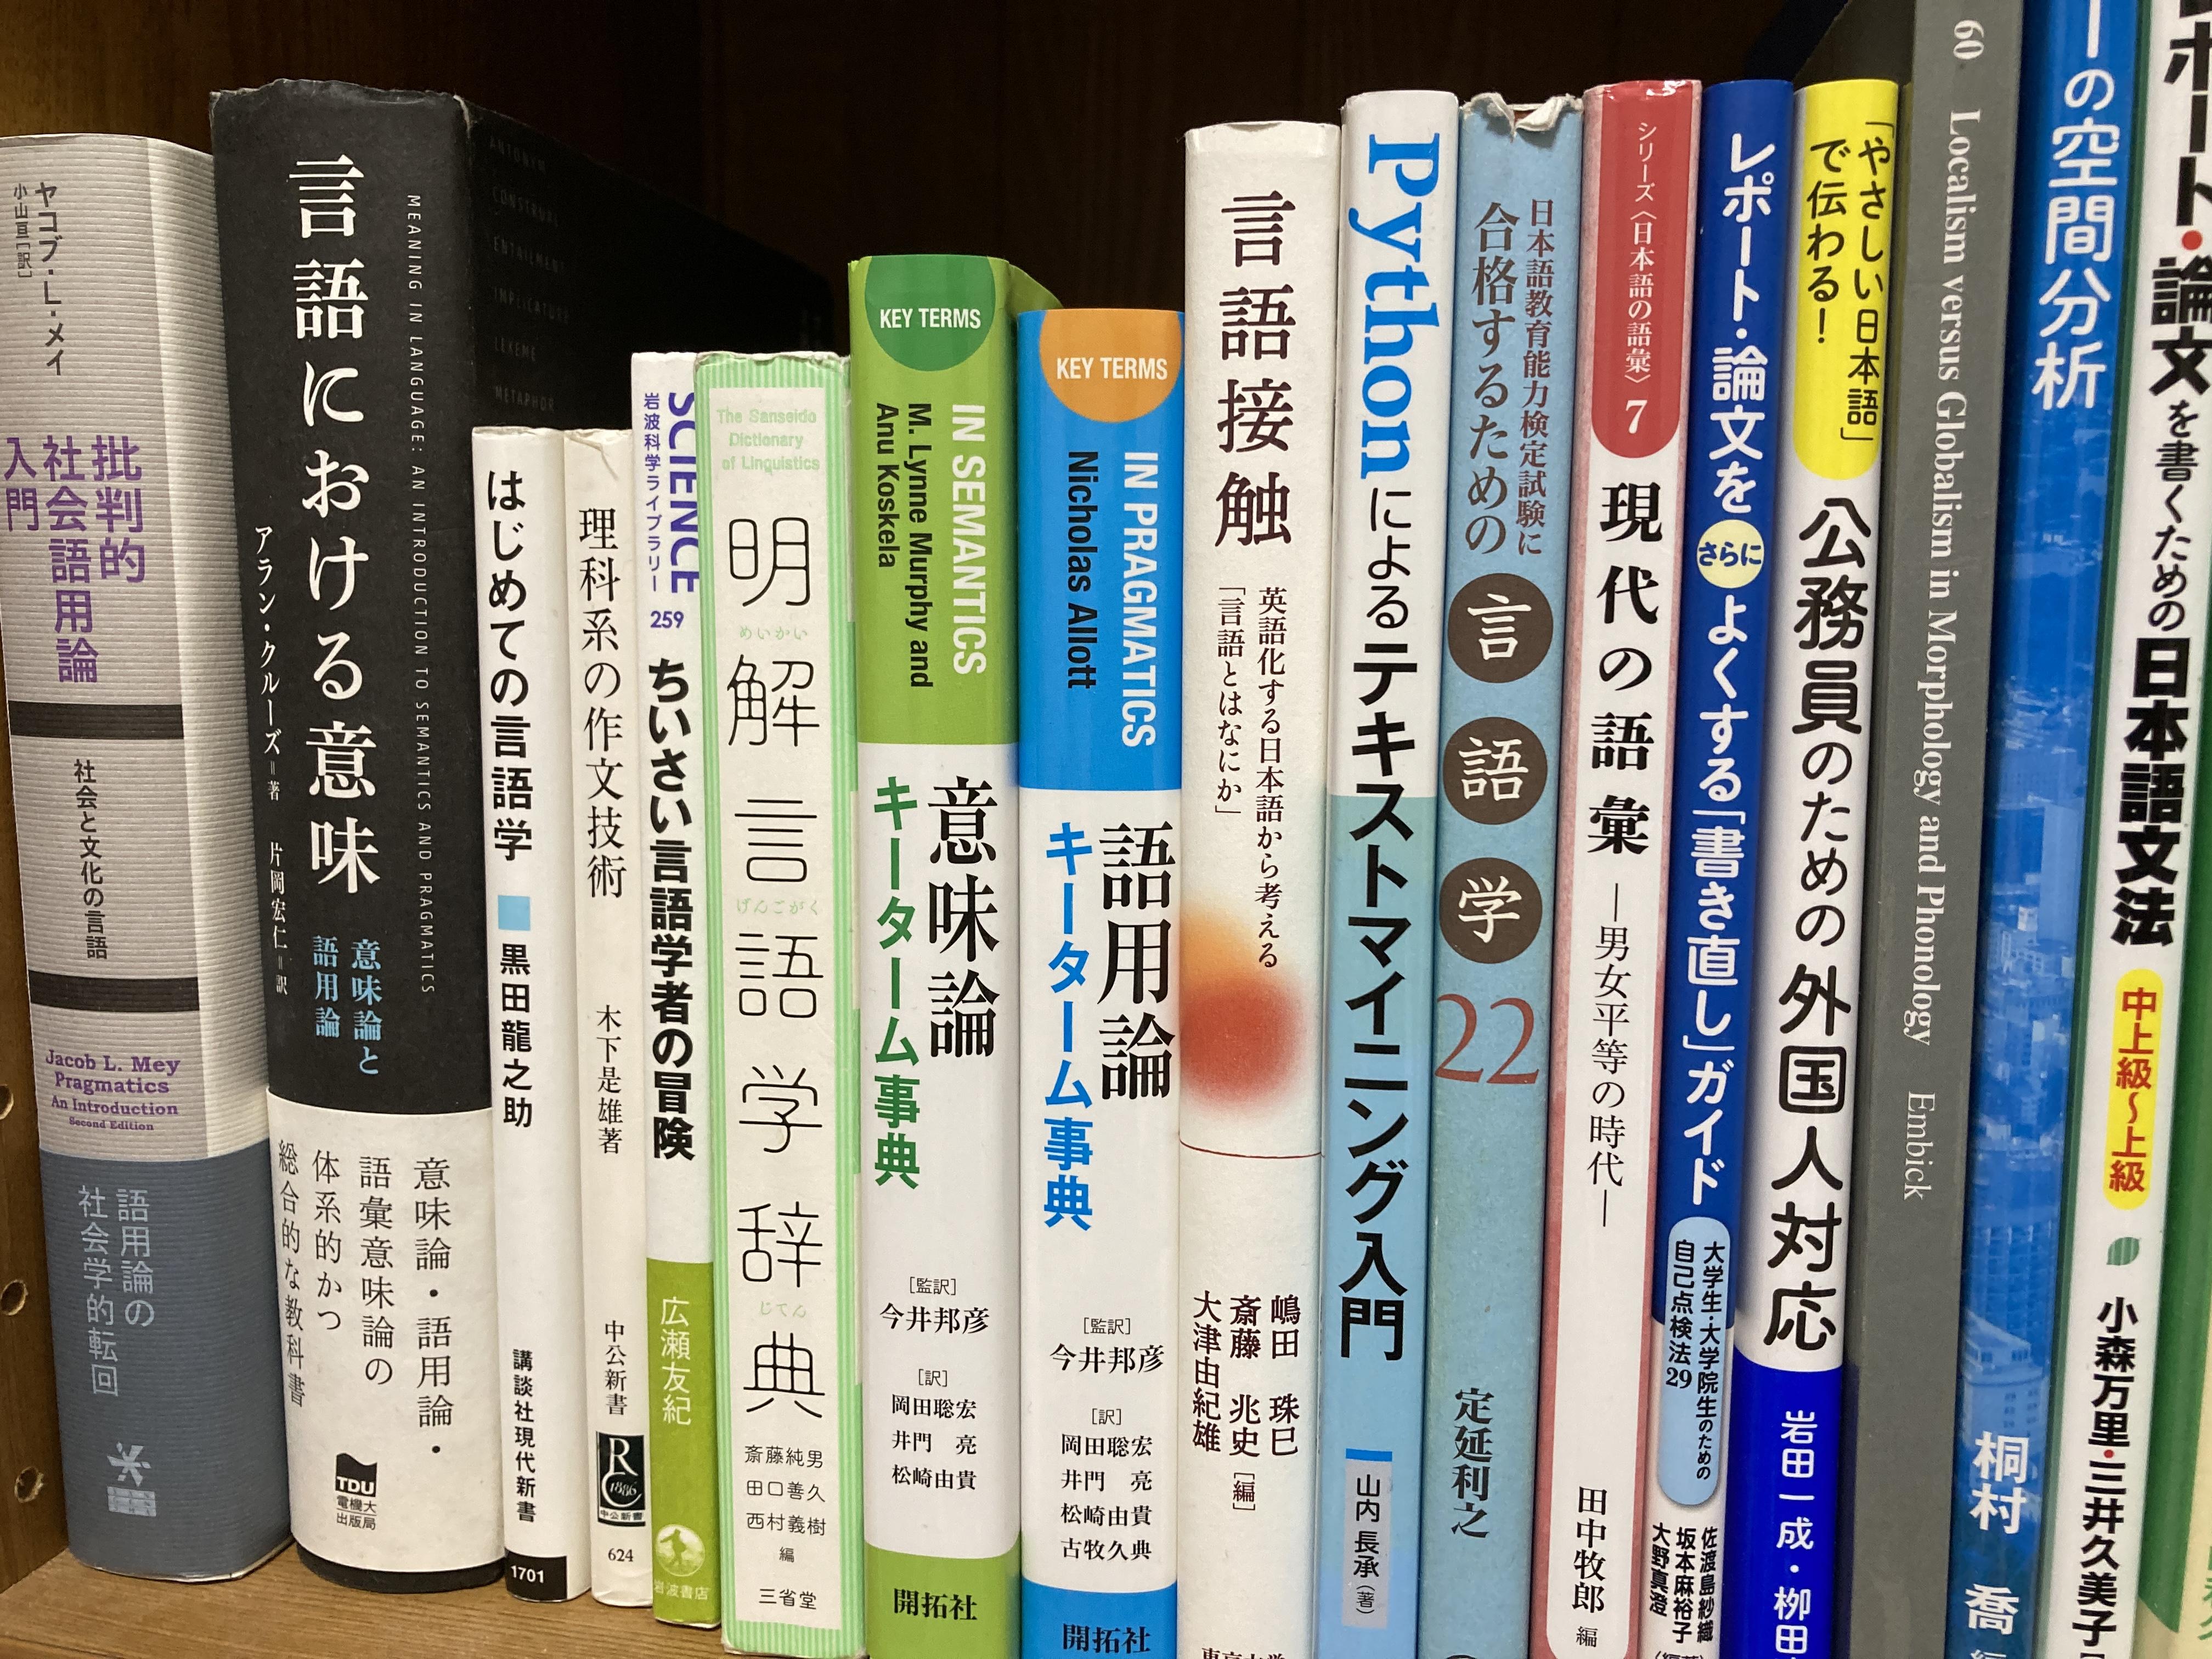 田川さんの本棚